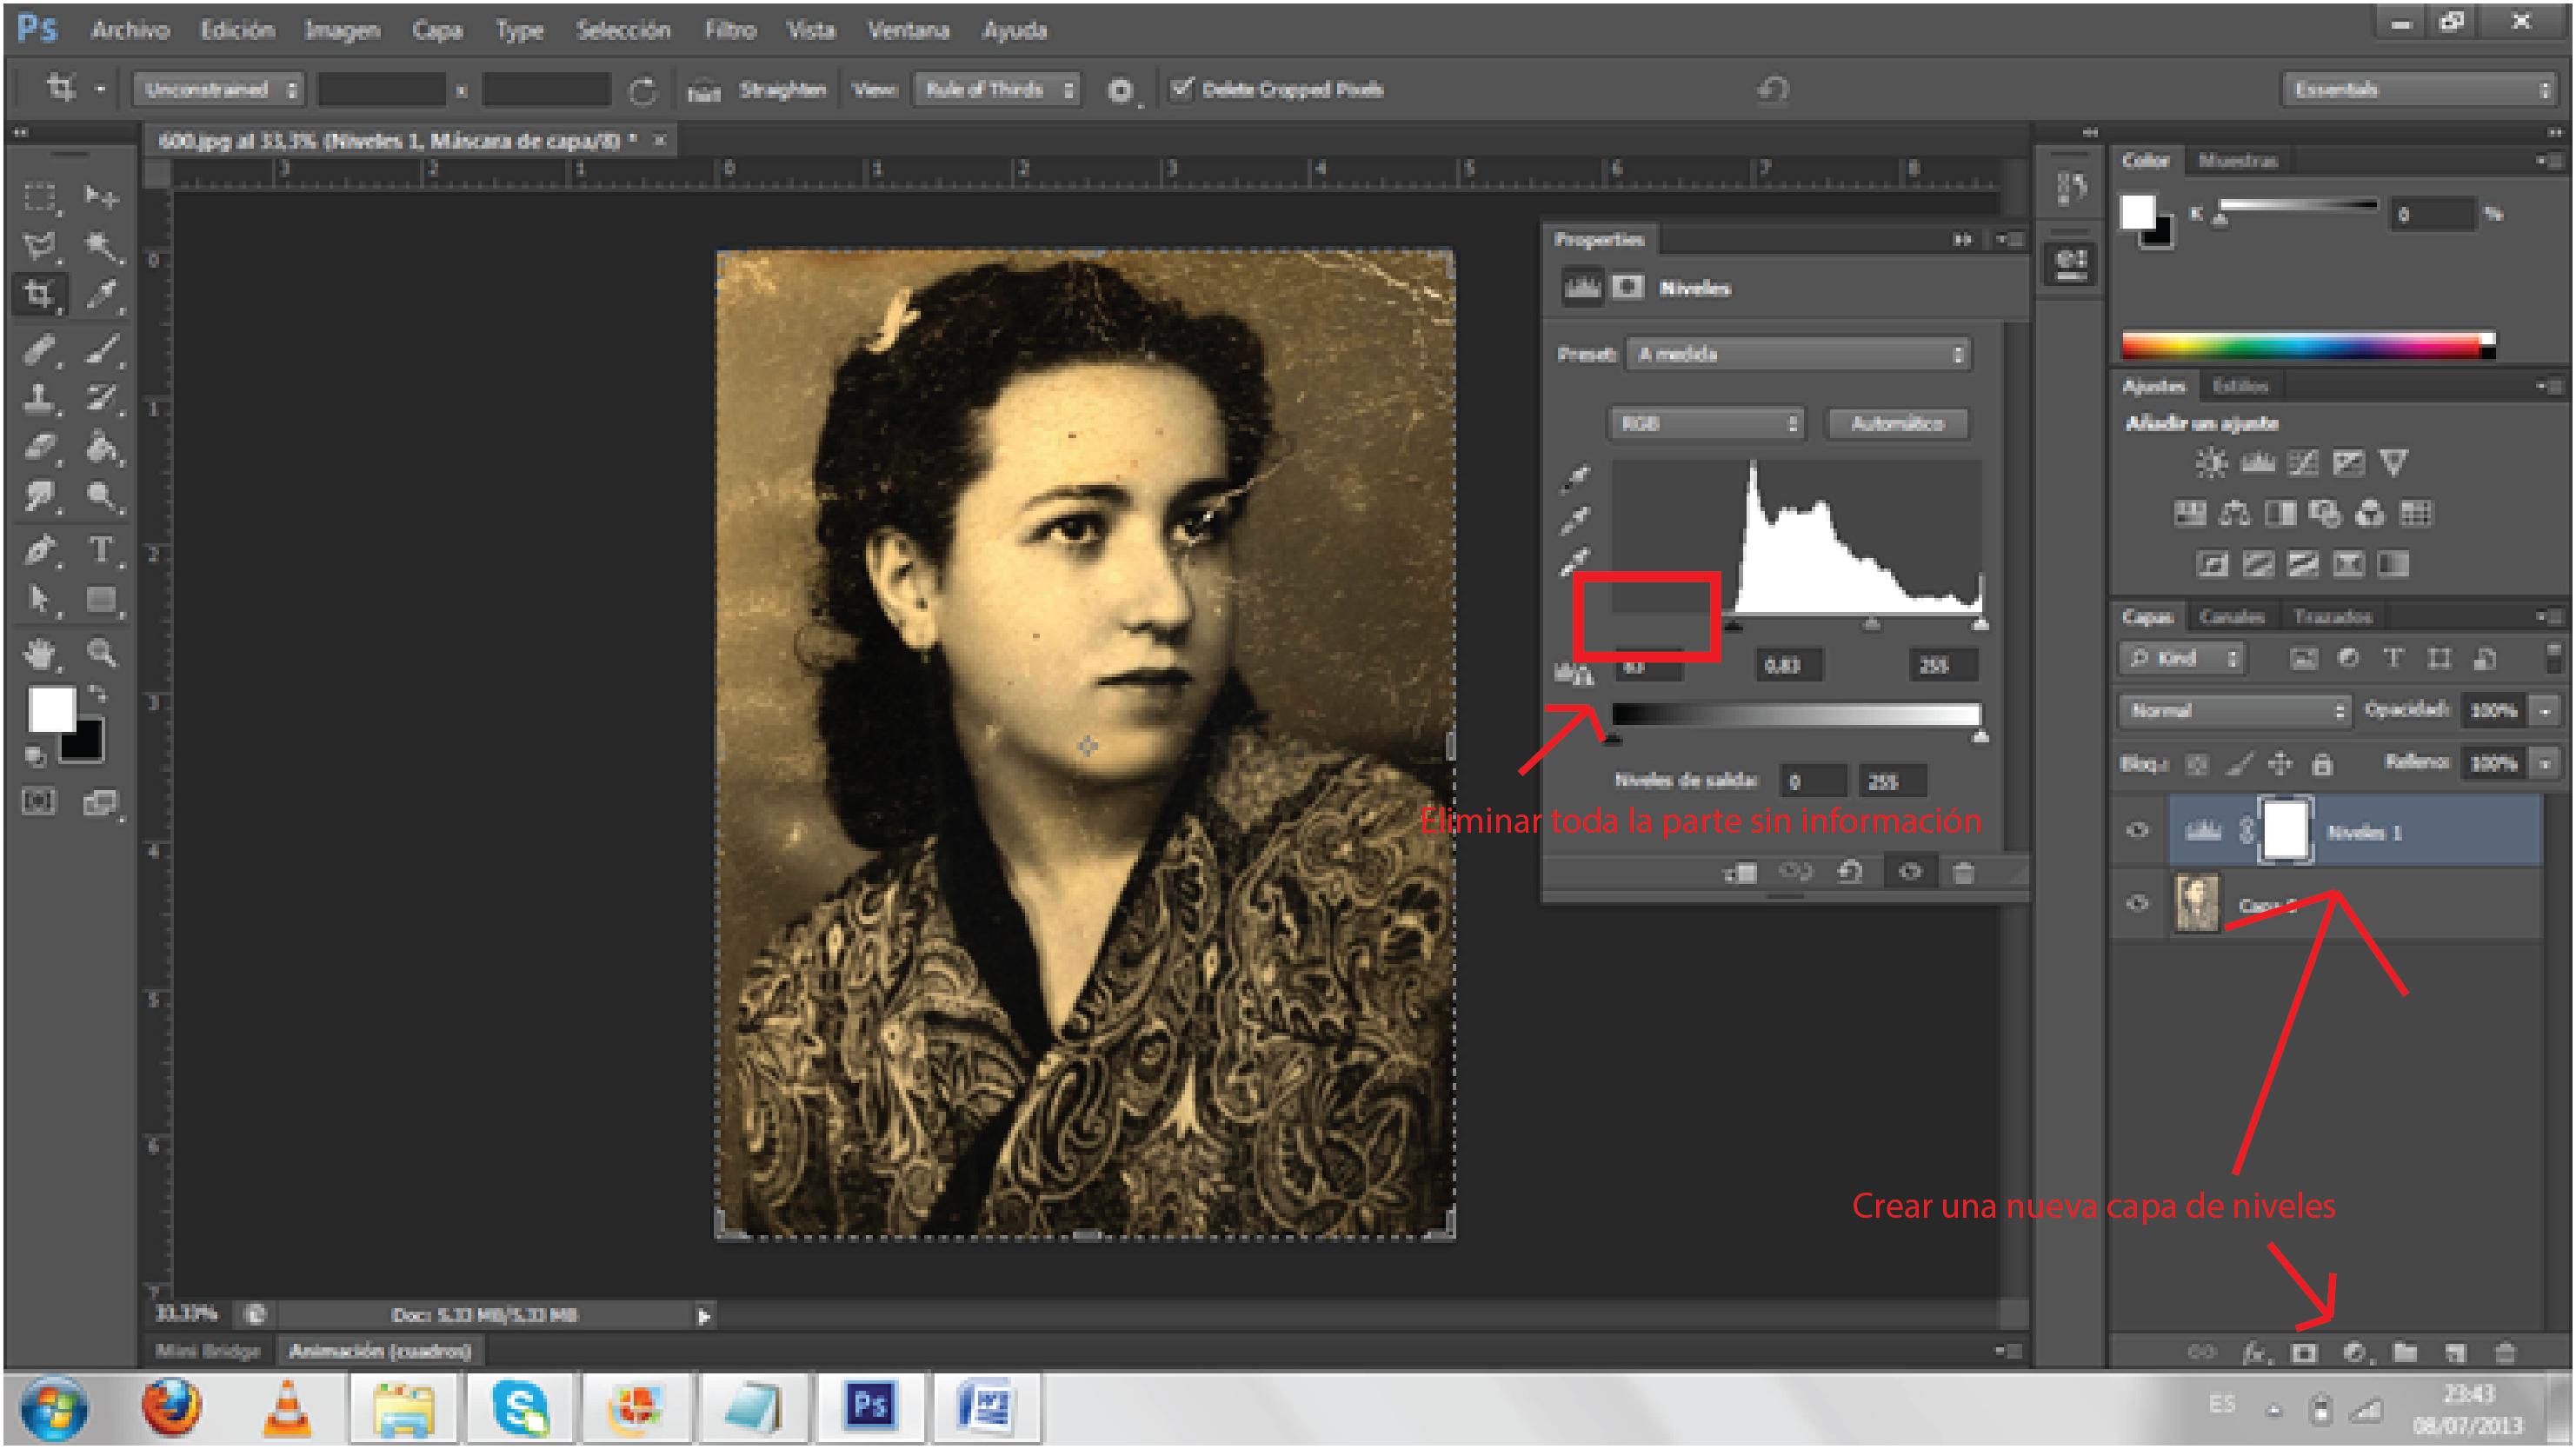 Como hacer mi foto en caricatura en photoshop 73